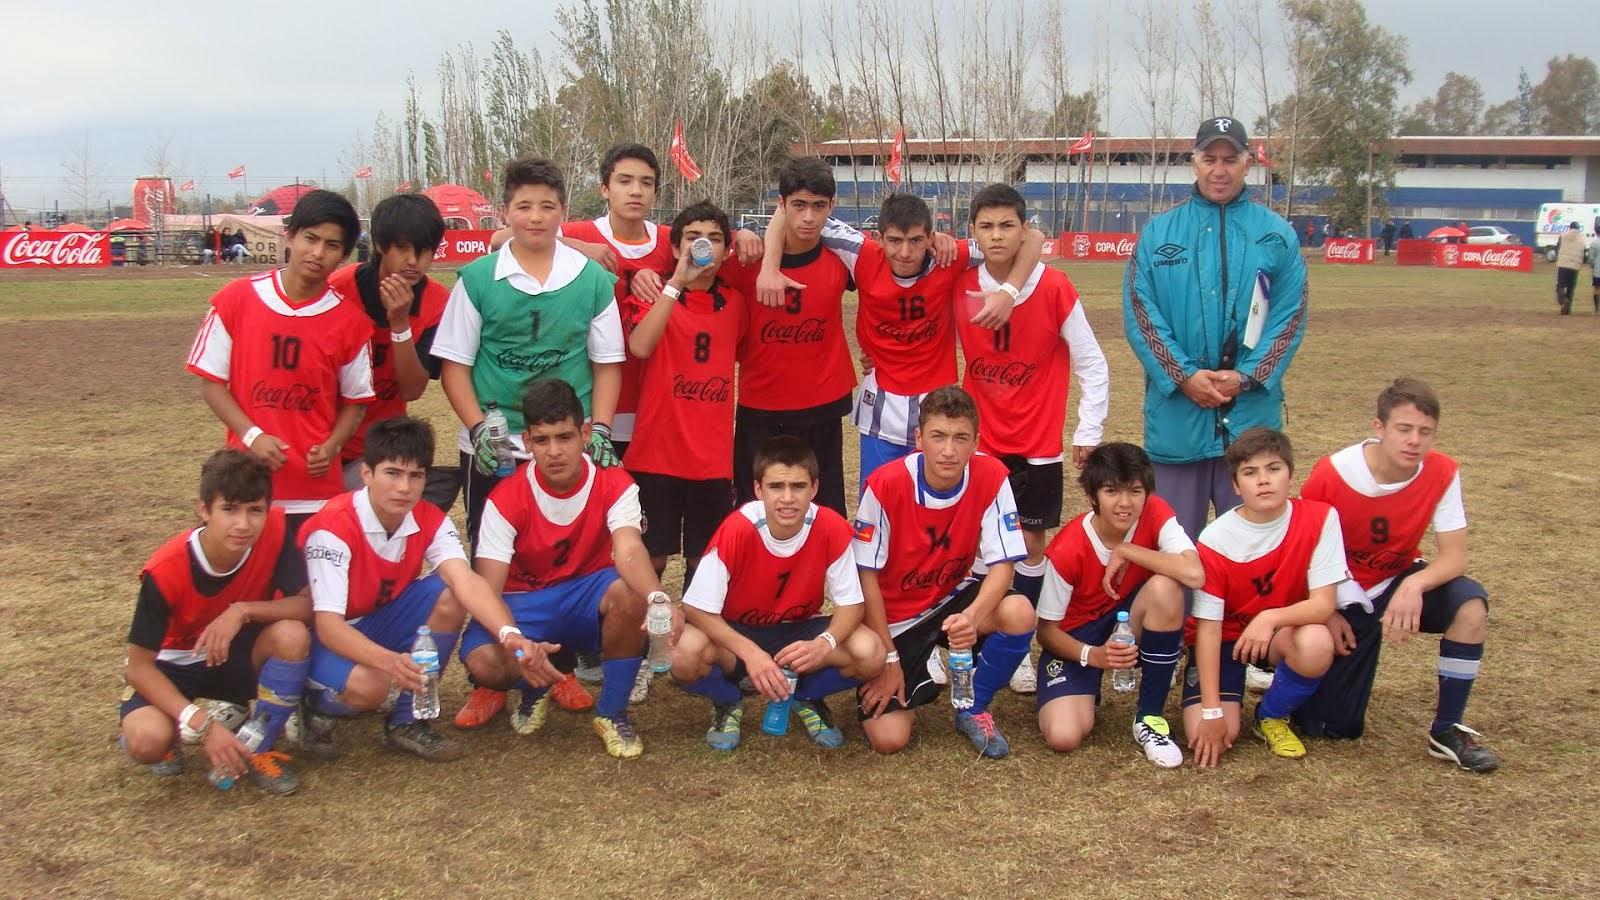 COPA COCA - COLA 2013